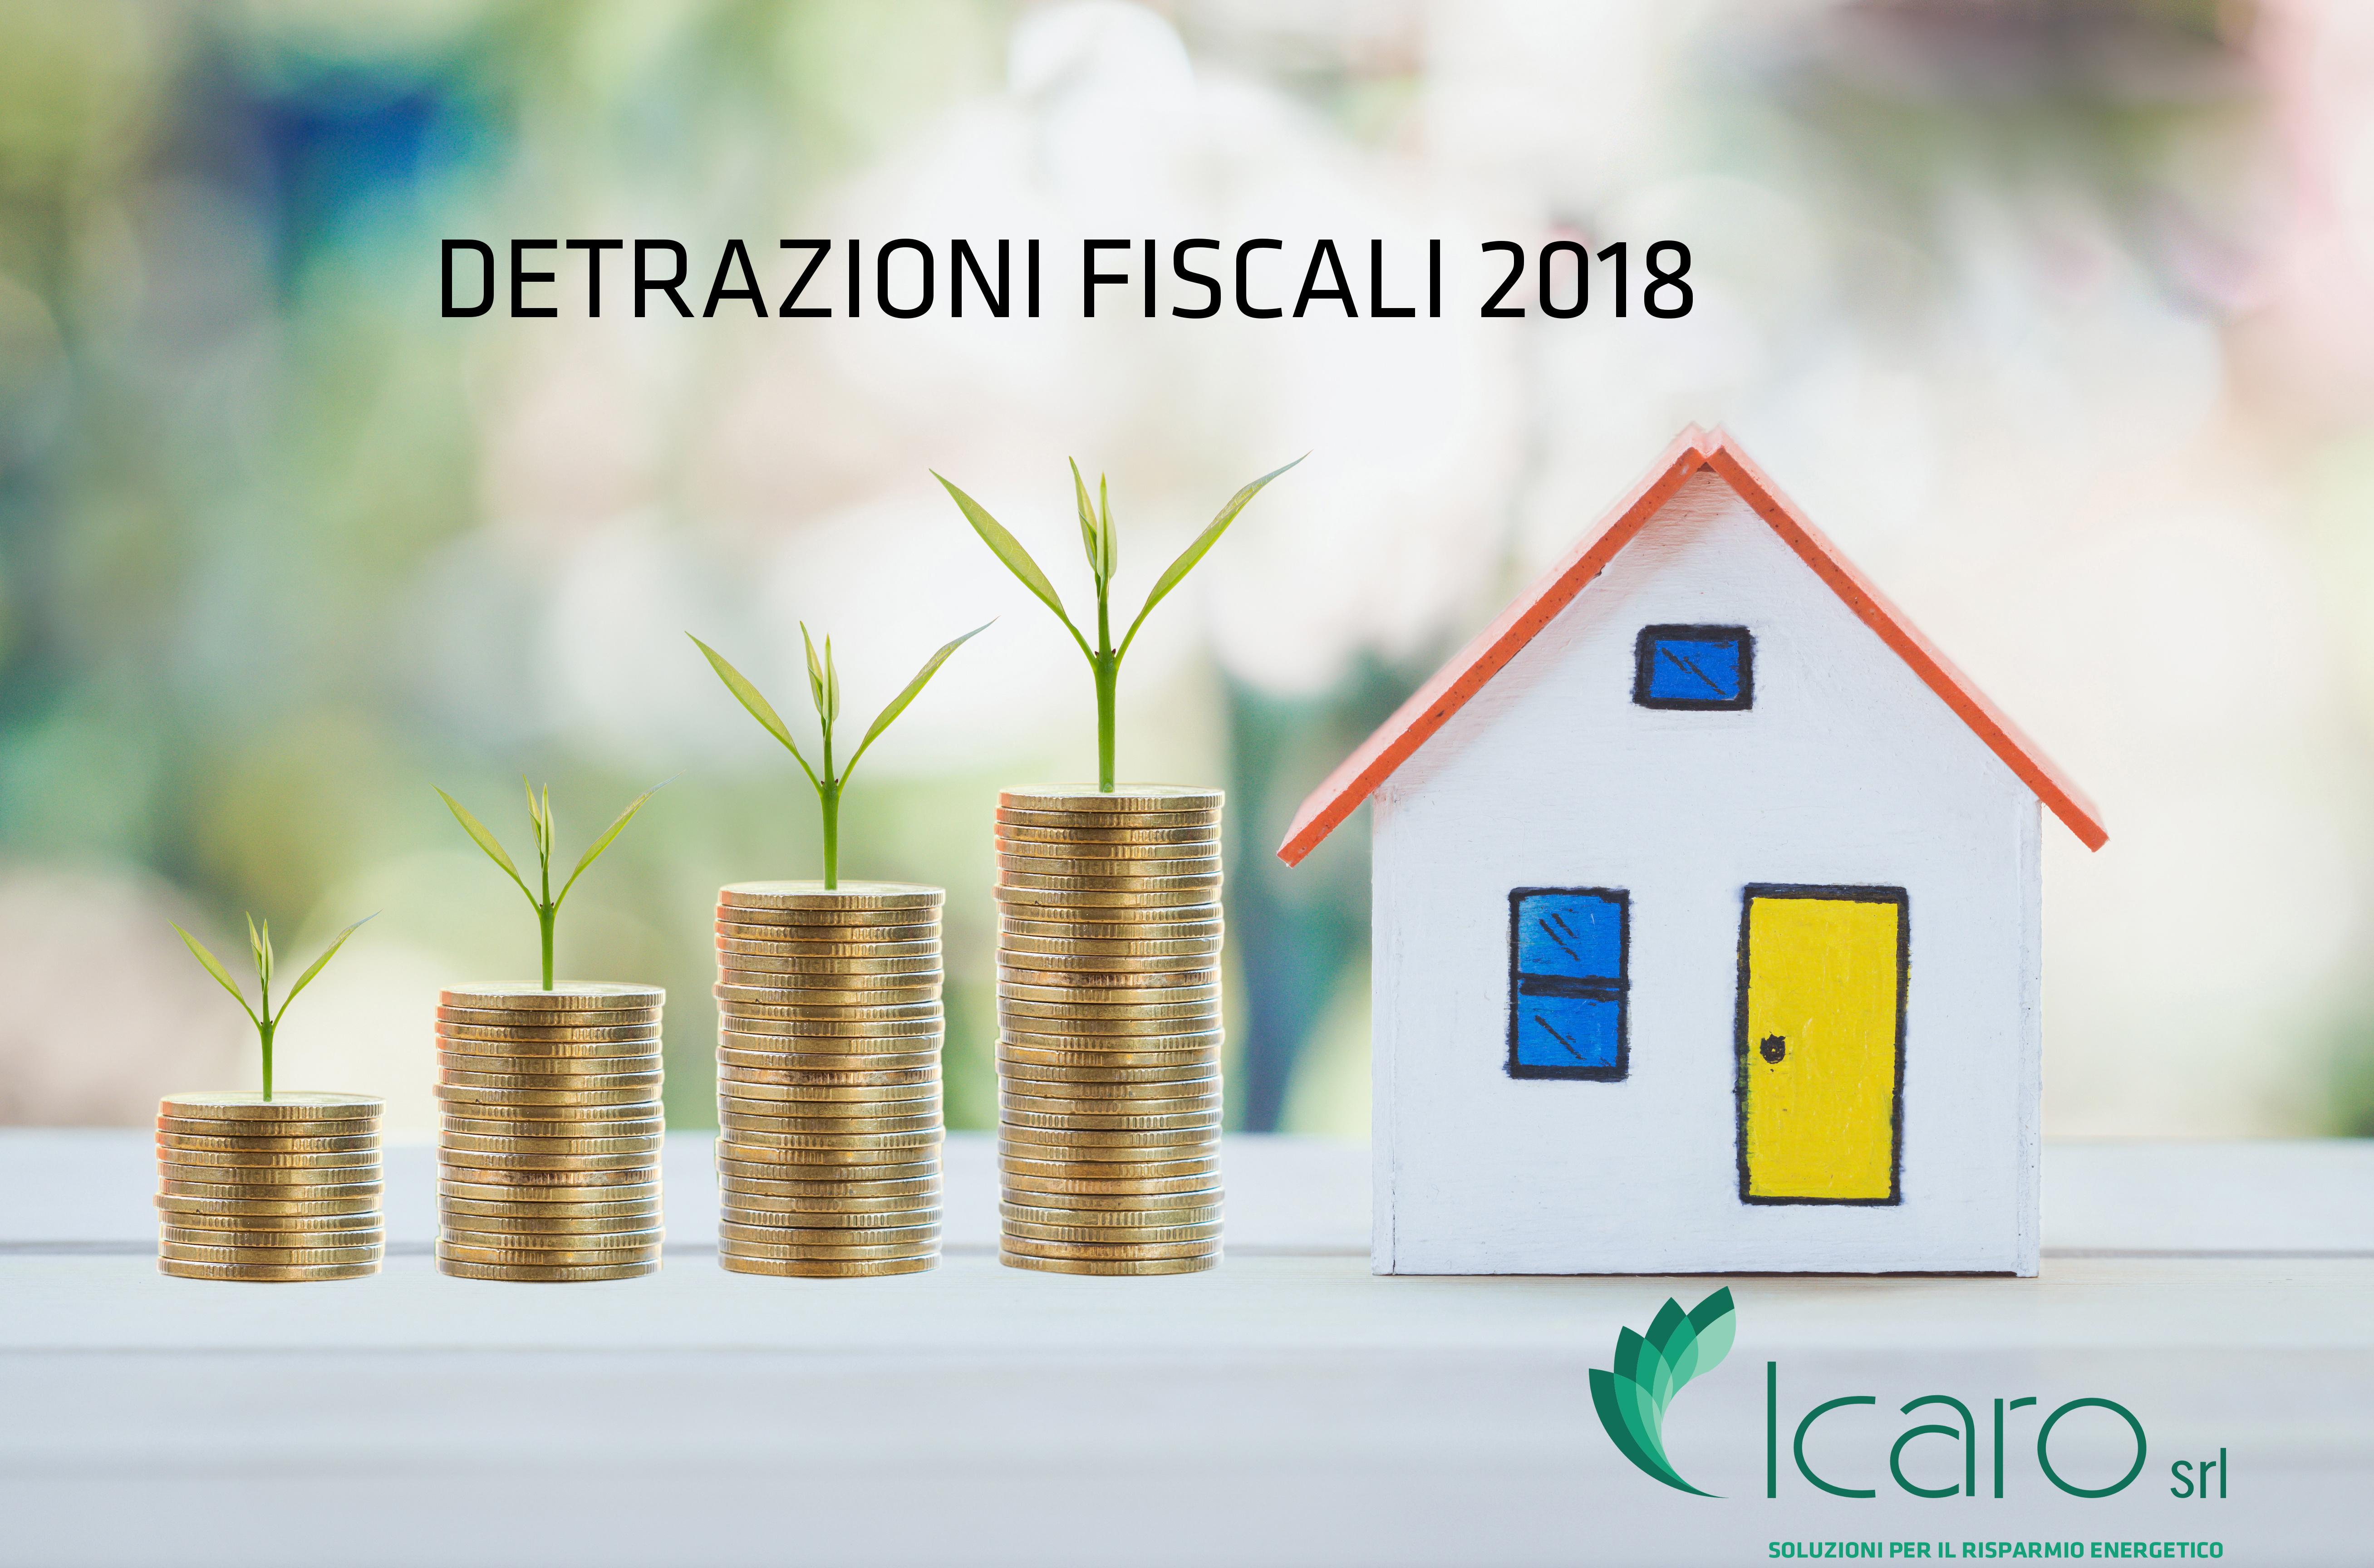 Risparmia 50-65 con la detrazione fiscale anche nel 2018 - ICARO srl